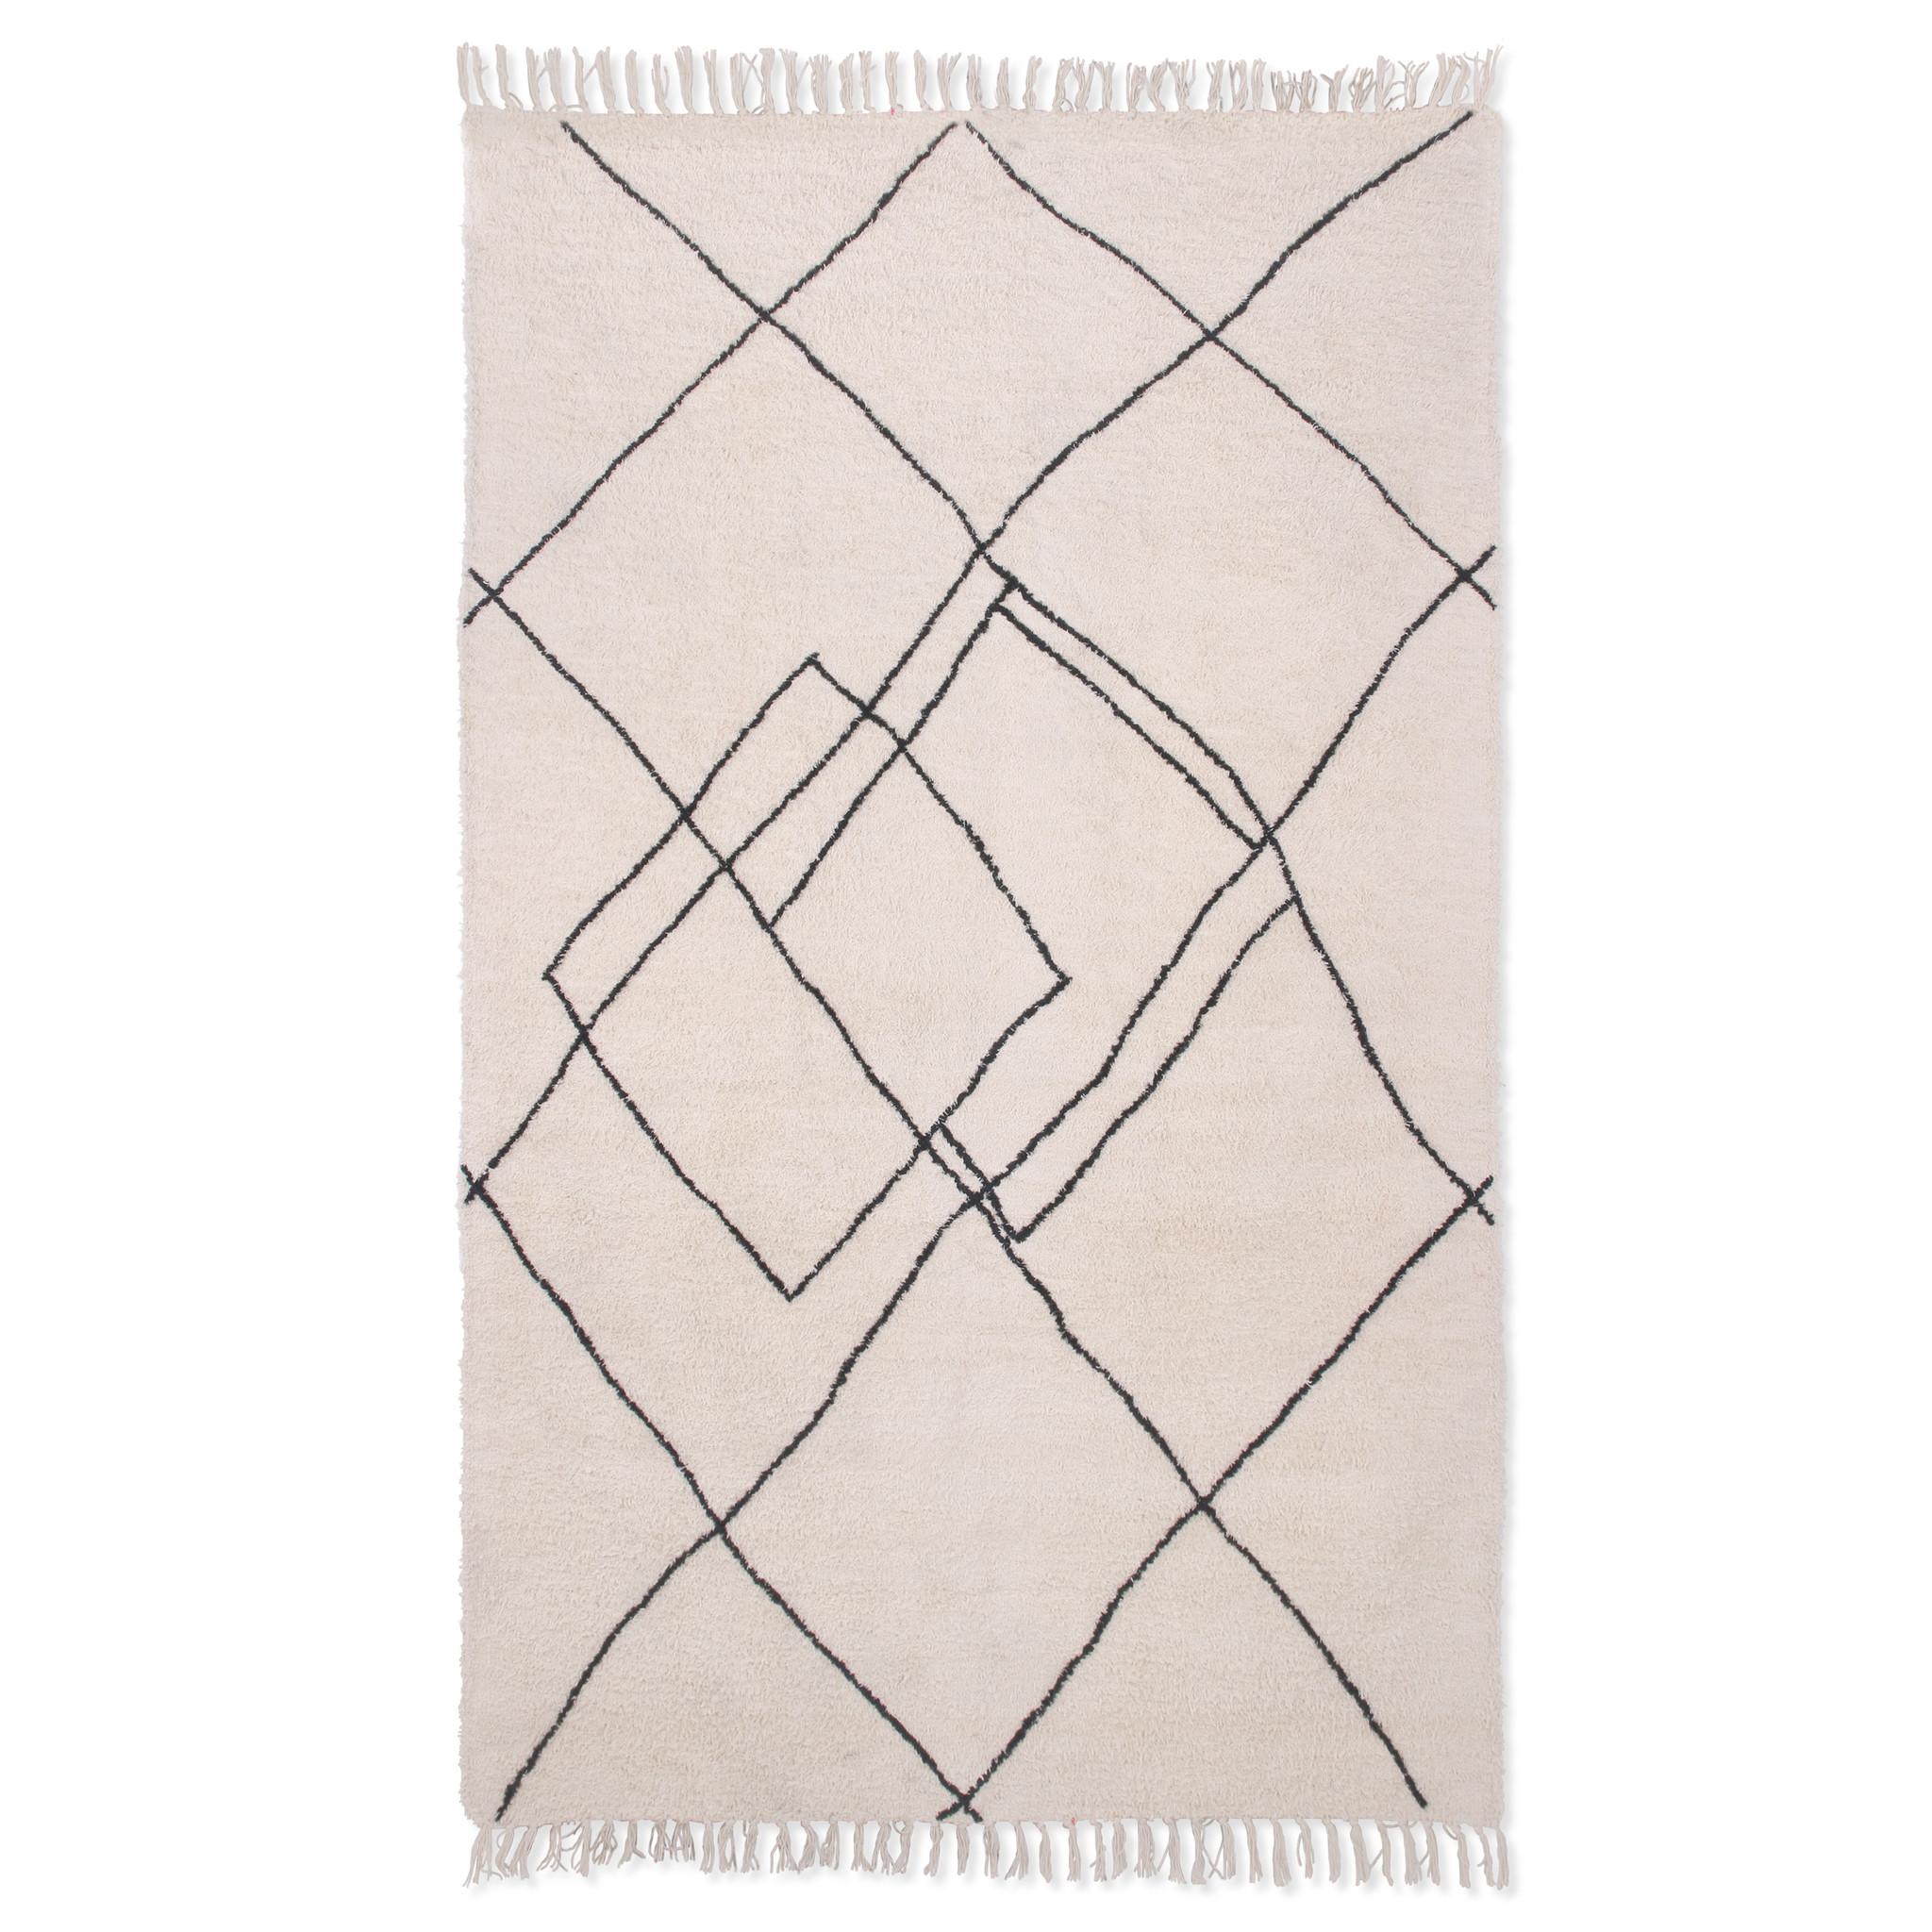 HKliving Katoenen vloerkleed zigzag 150x240cm - zwart/wit